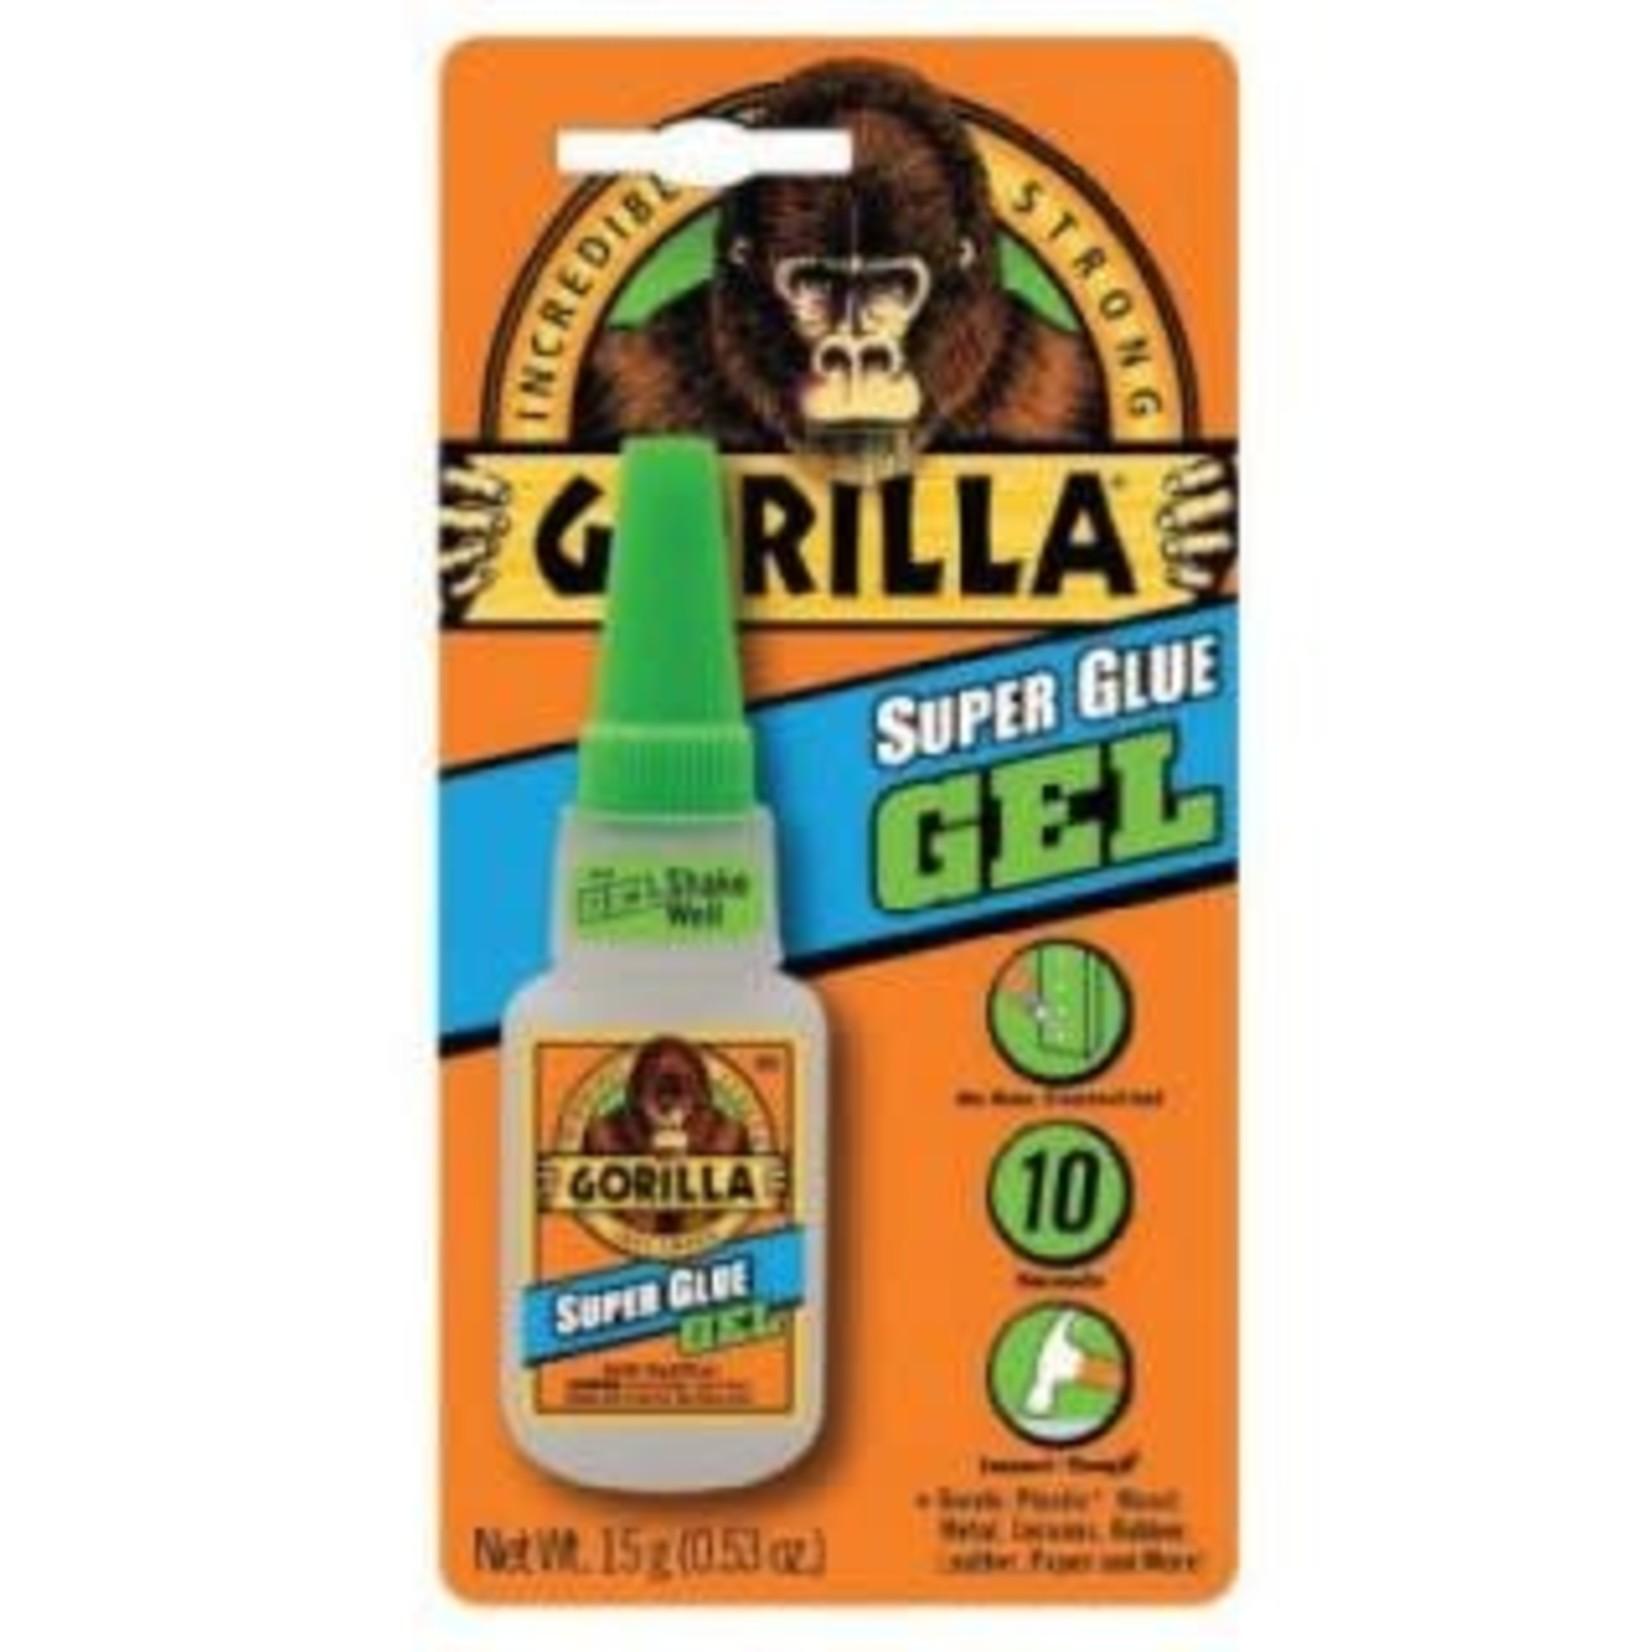 Gorilla GORILLA SUPERGLUE 15G GEL BRUSH & NOZZLE